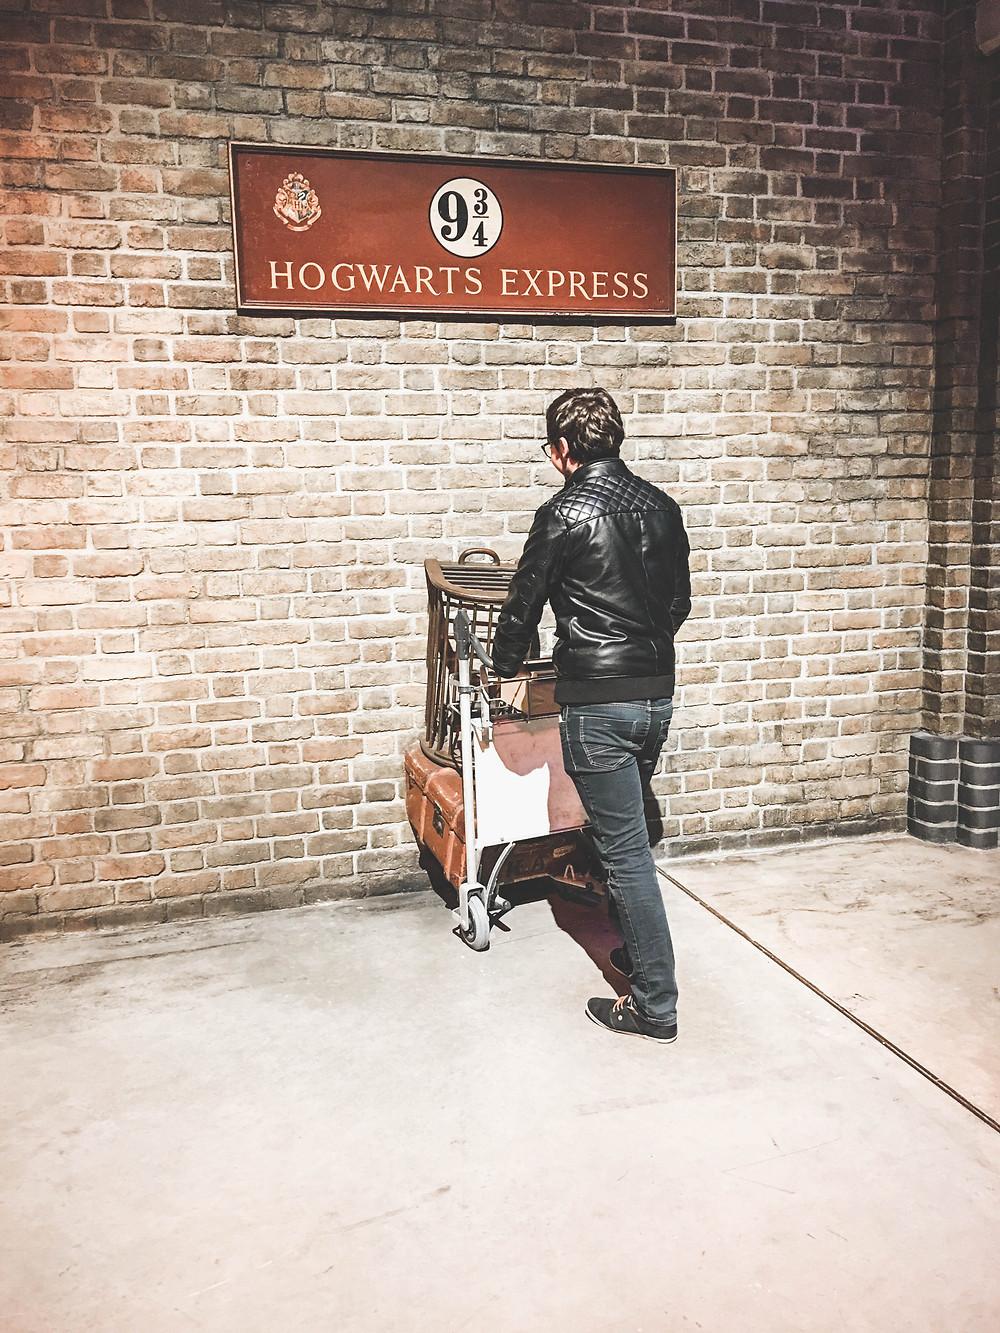 Départ pour Poudlard imminent ! Harry Potter